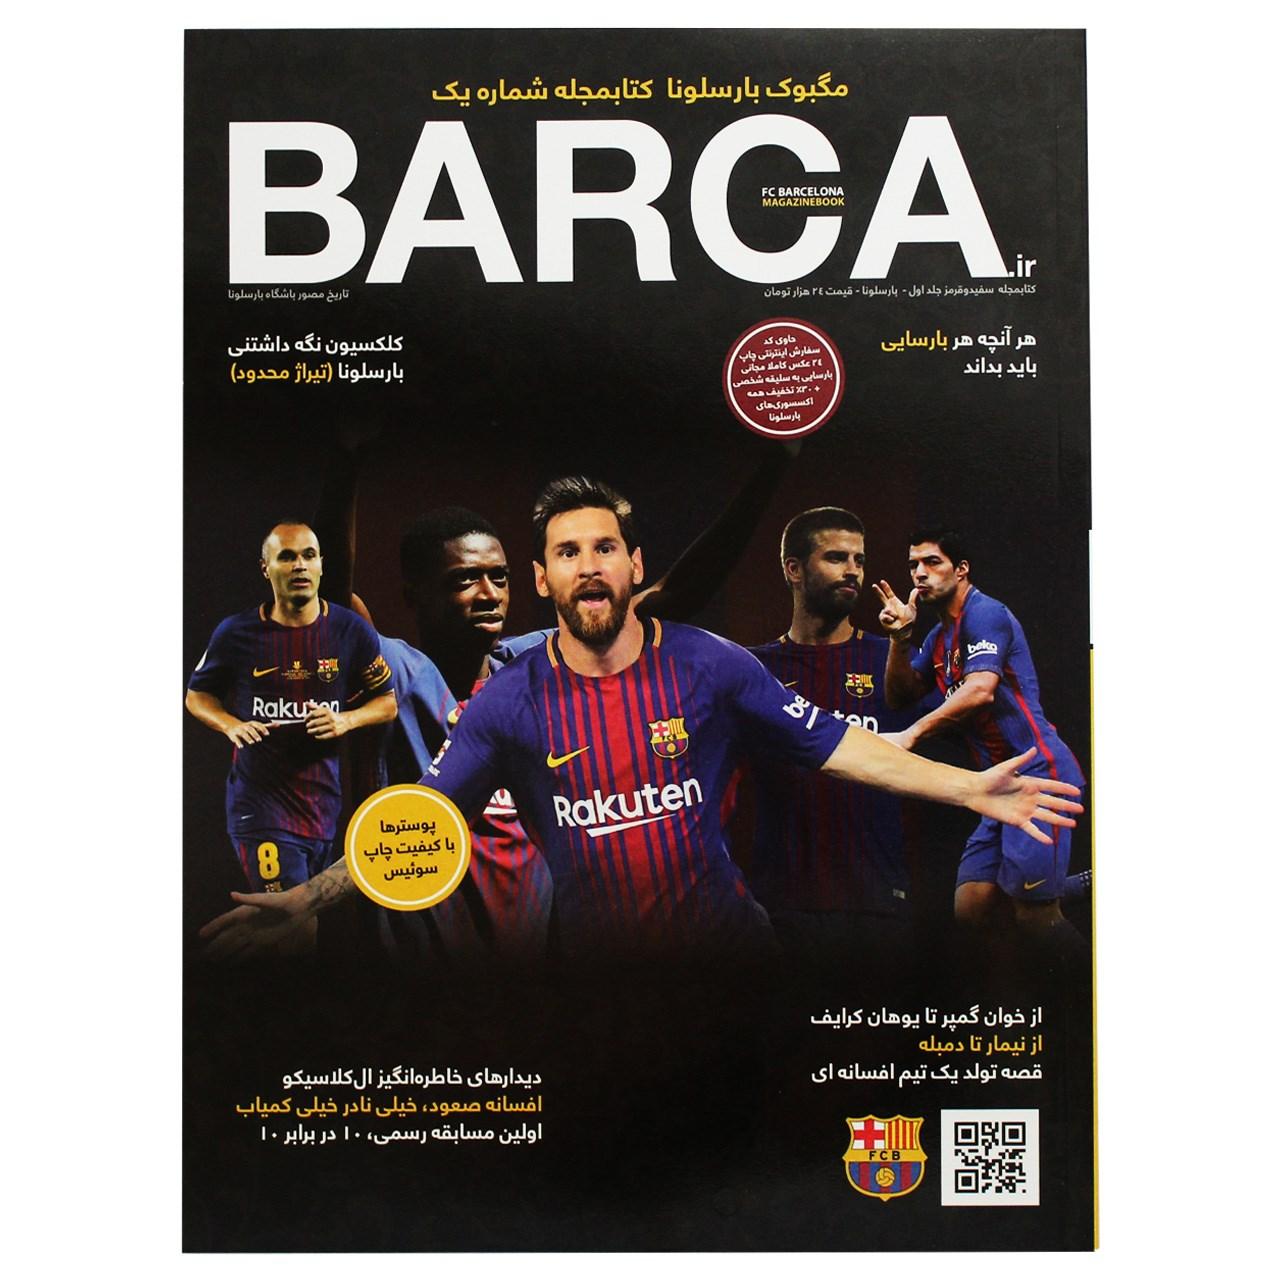 کتاب سفید و قرمز نسخه بارسلونا